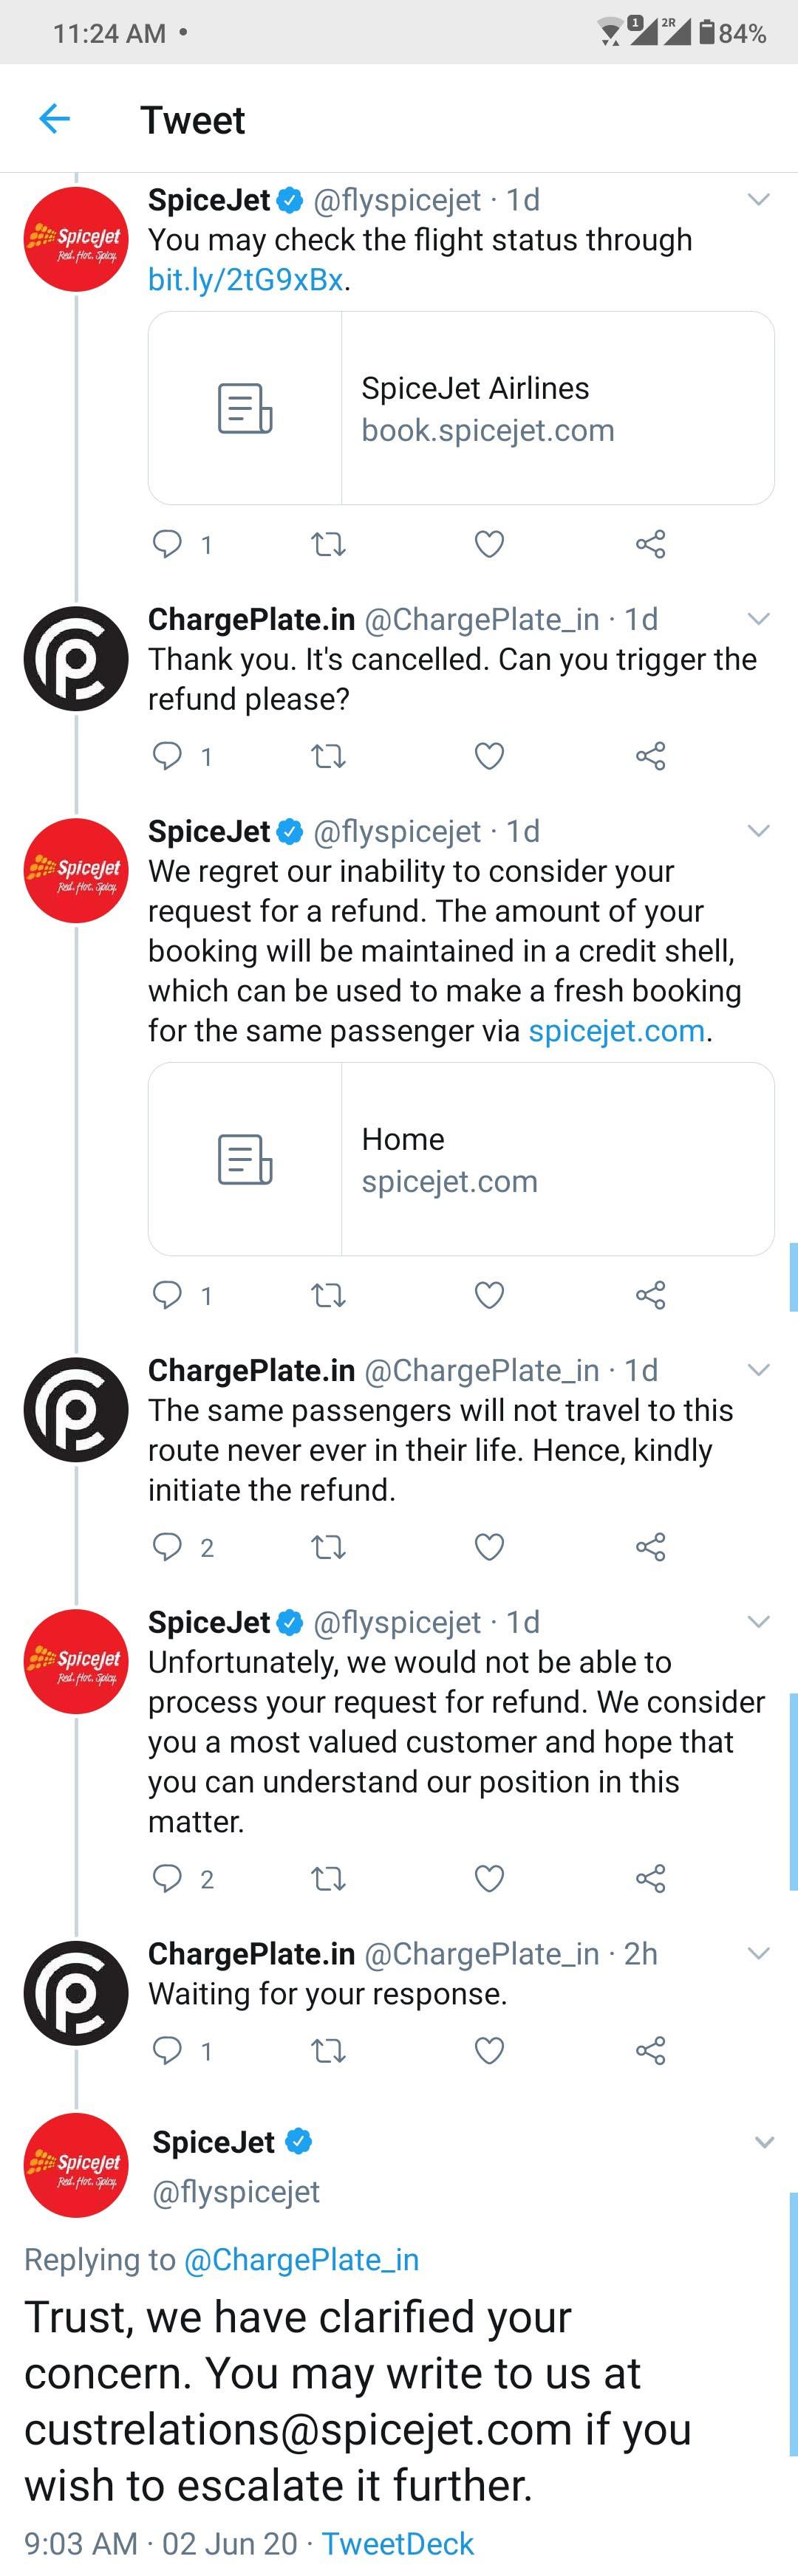 SpiceJet Tweet